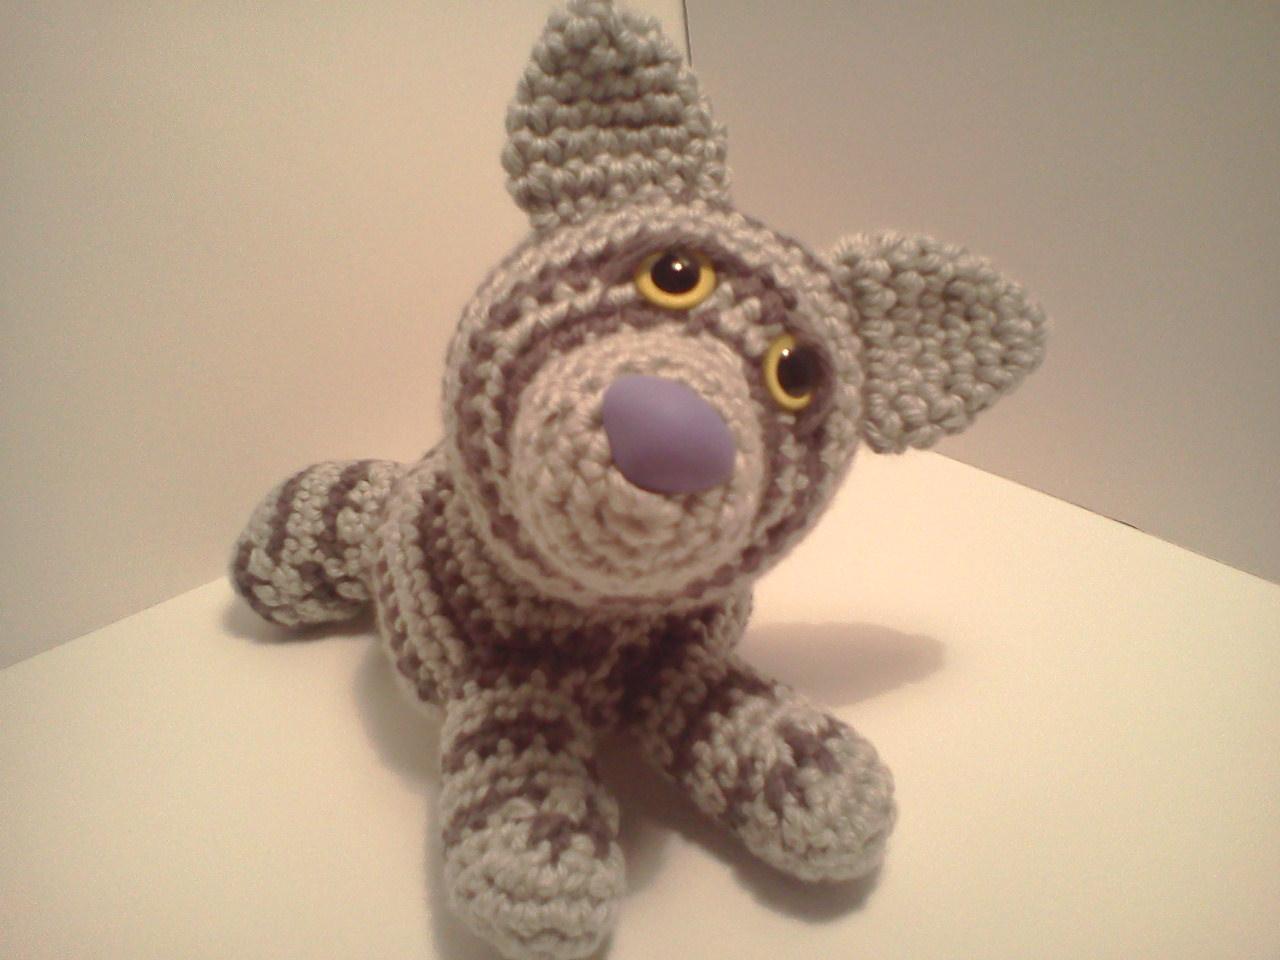 Amigurumi Tabby Cat : Serendipity Creative: Emily Baby Silver Tabby Cat AmiPal ...